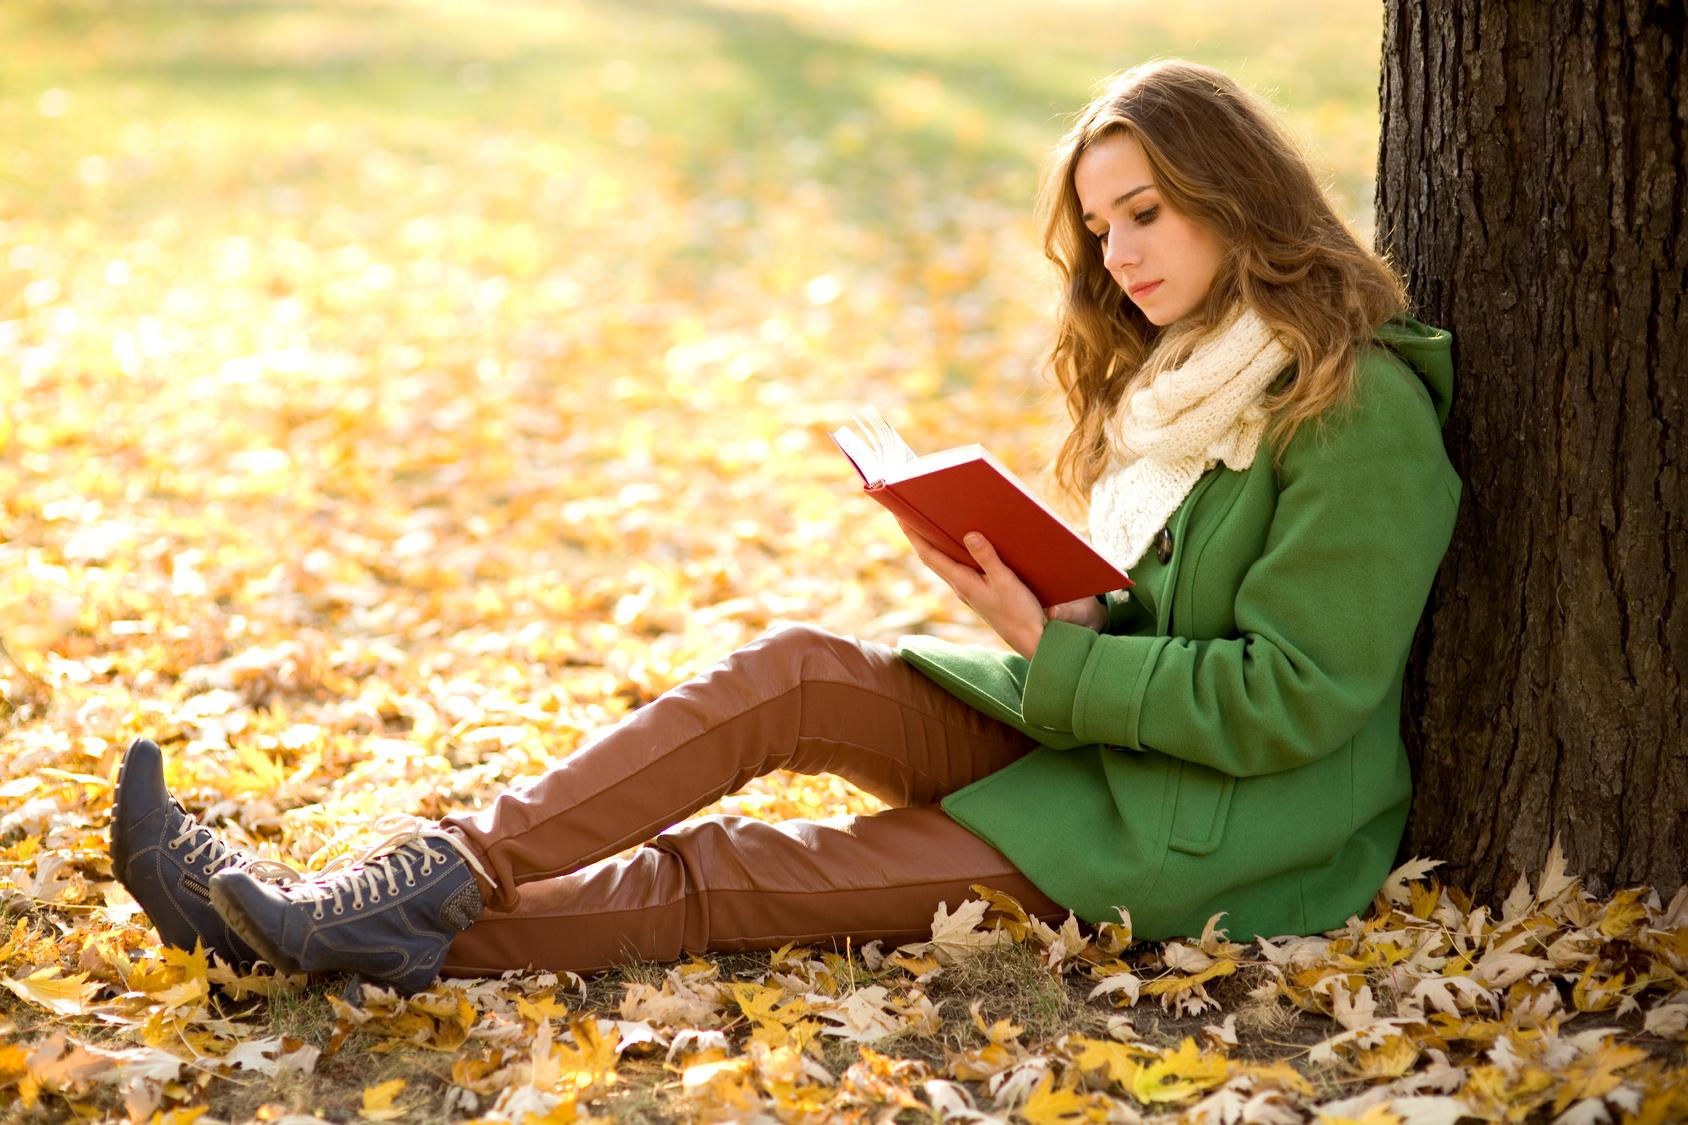 Pilih Lokasi Belajar yang Membangun Suasana-www.piknikdong.com